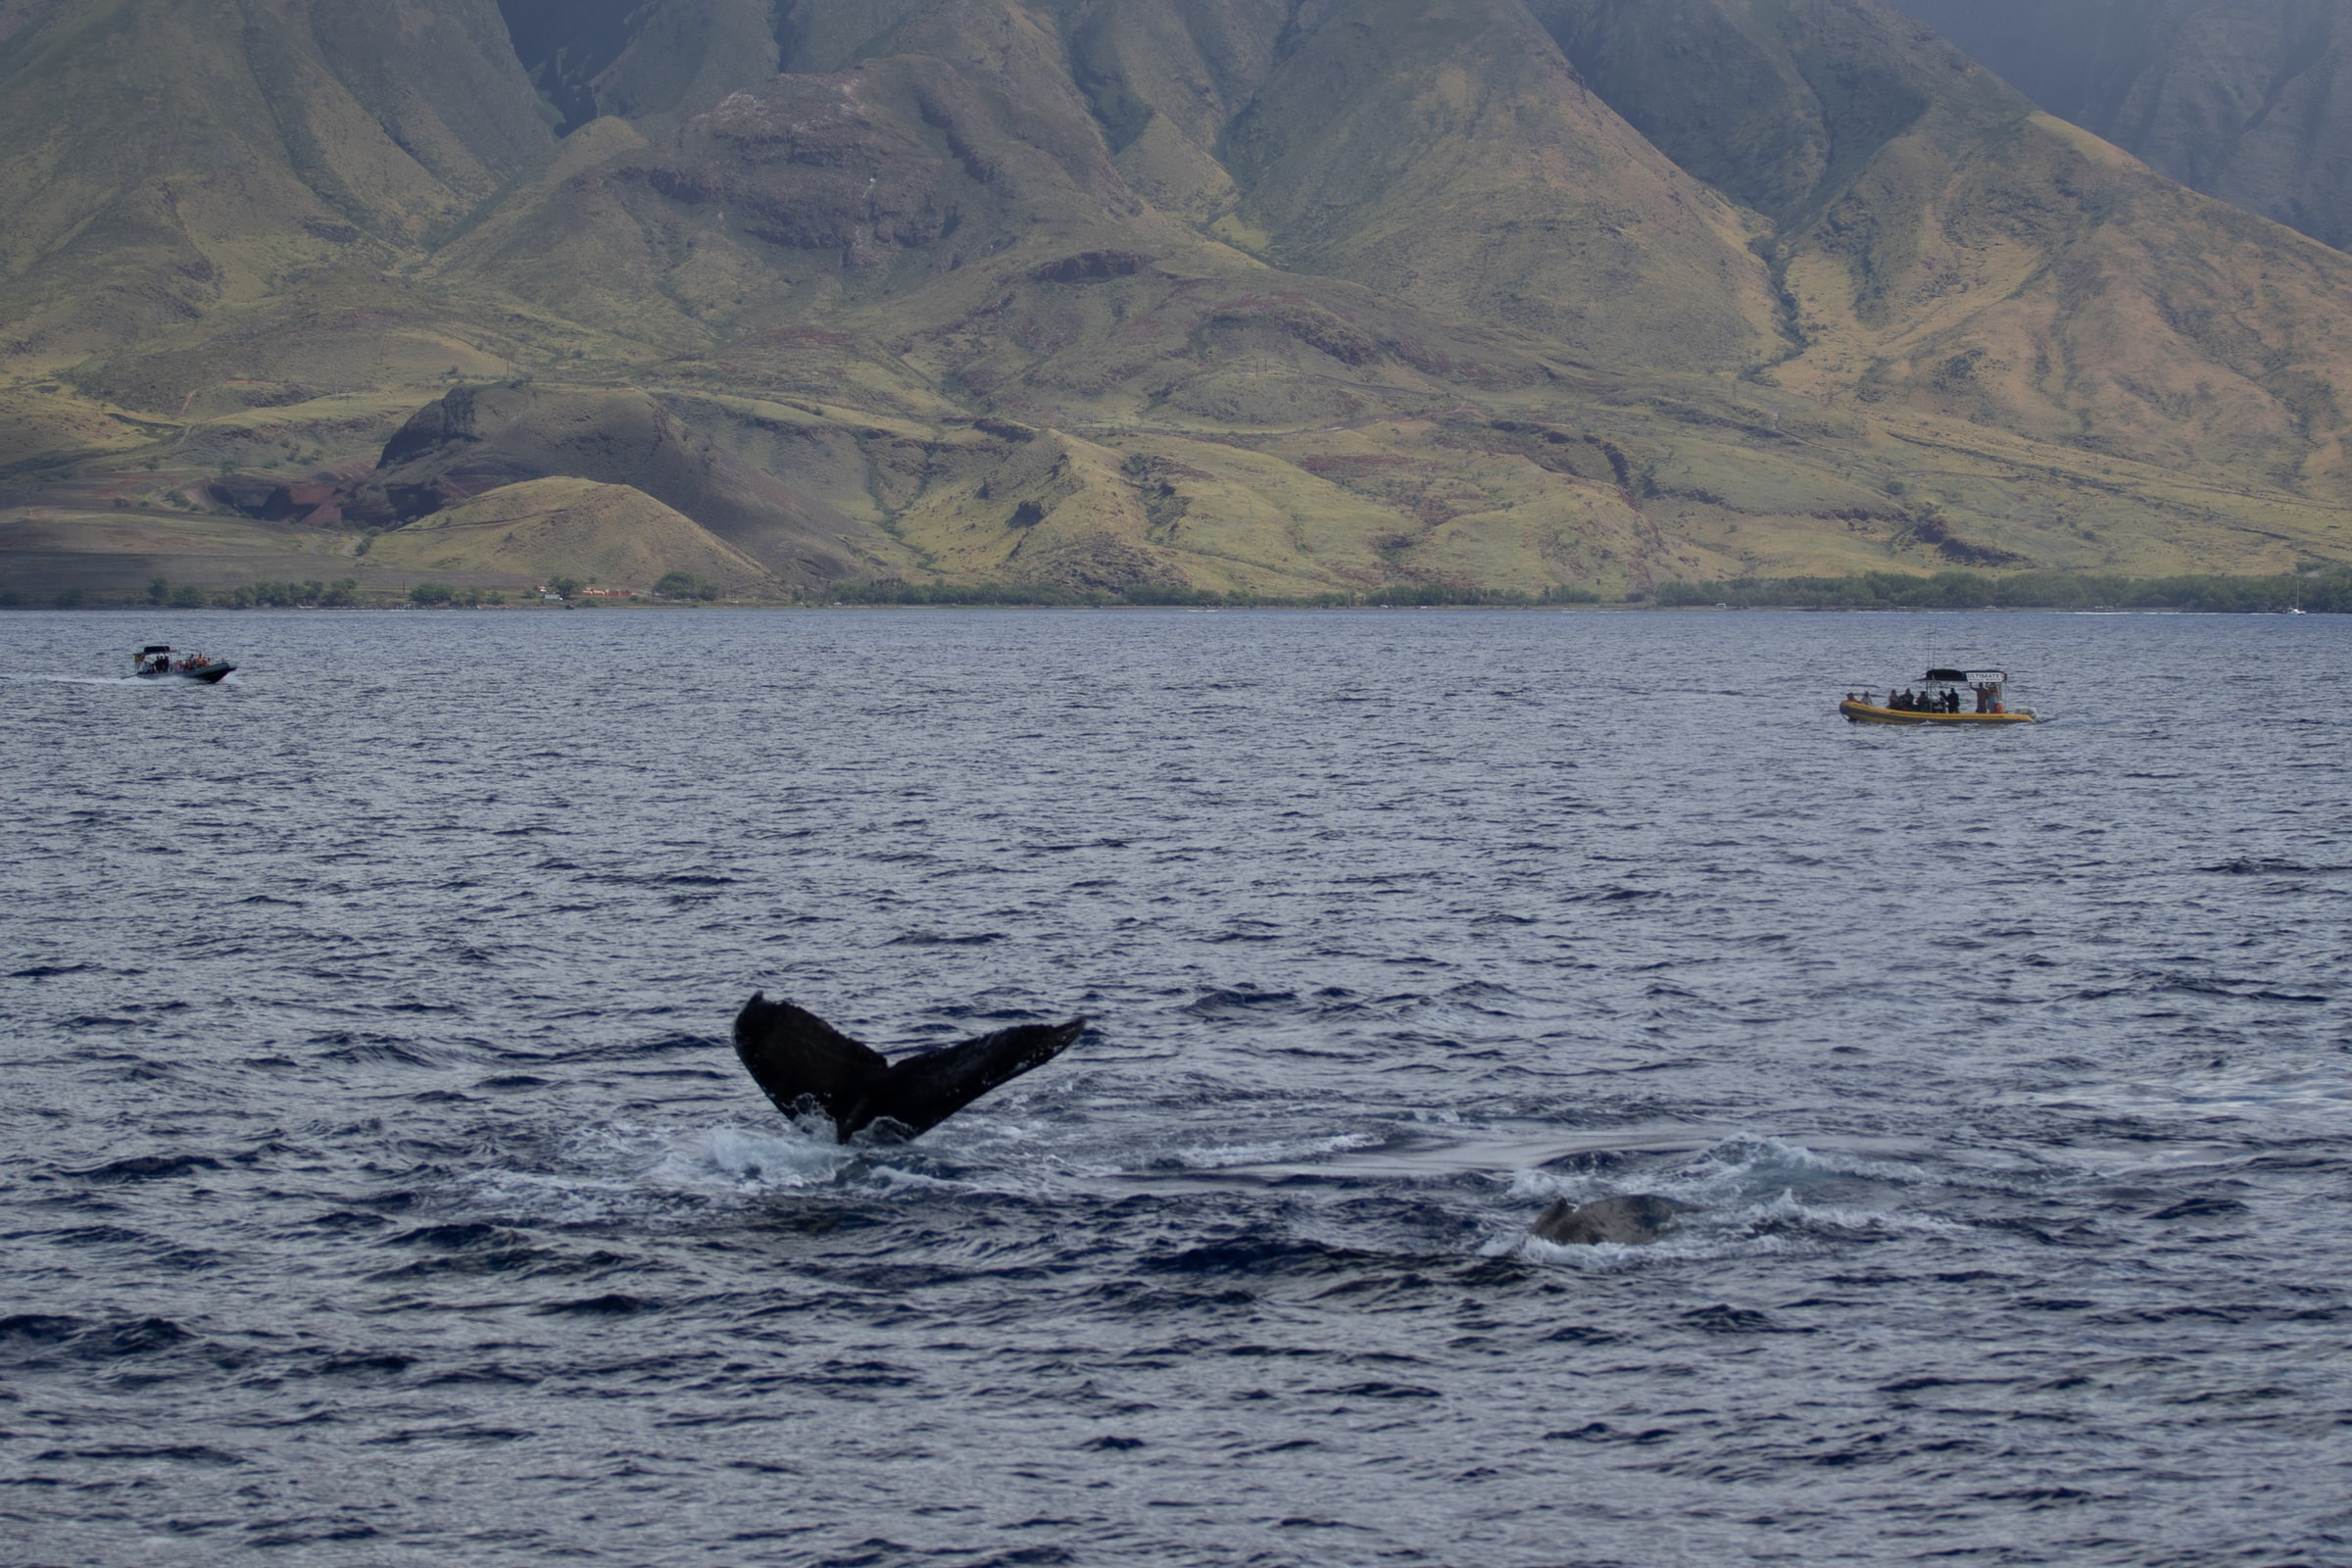 Hawaii - Walfischflosse im Meer